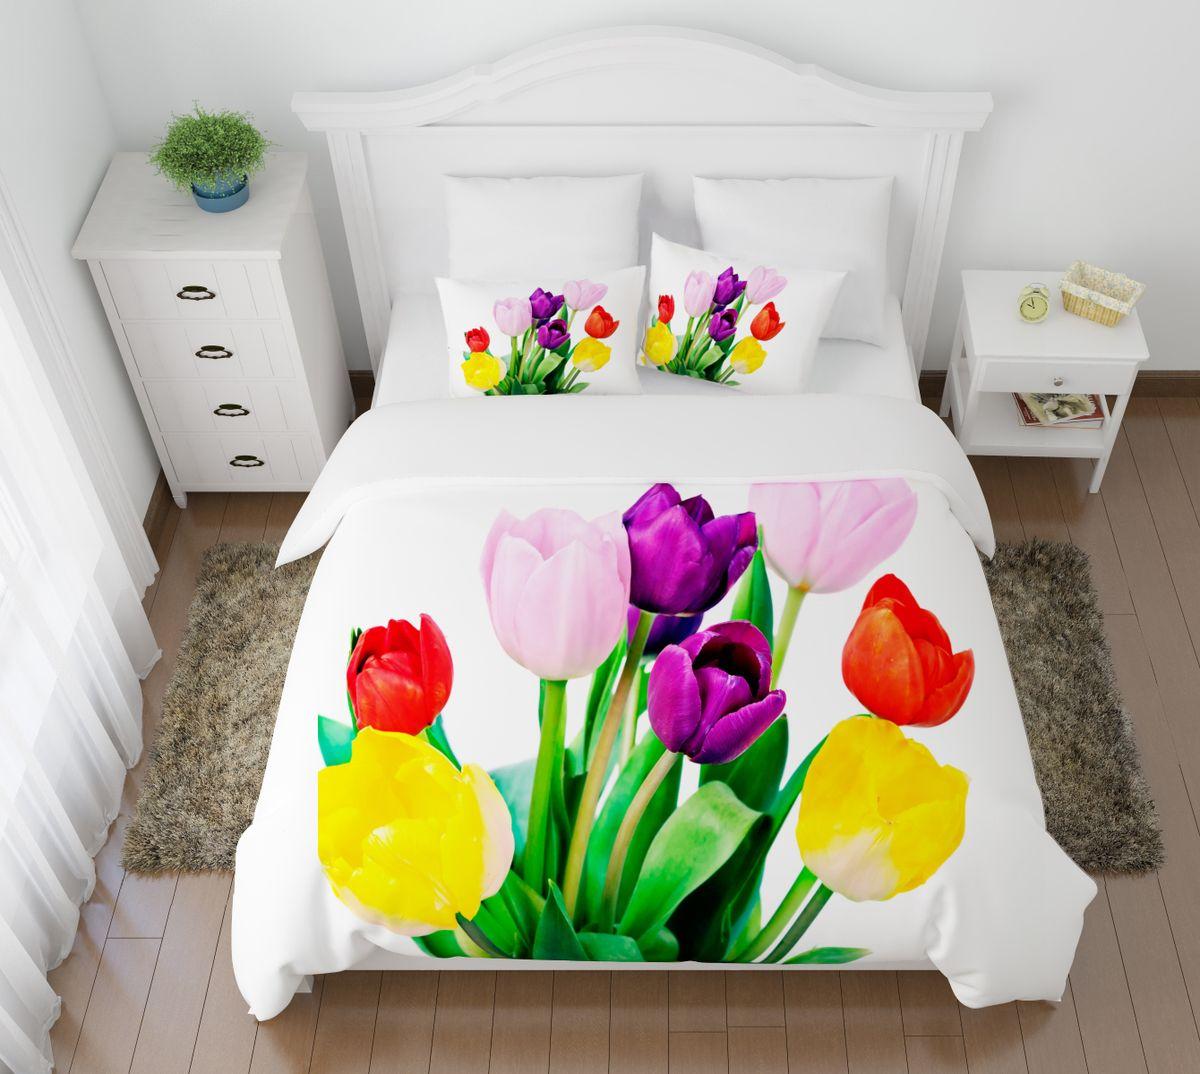 Комплект белья Сирень Весенние цветы, евро, наволочки 50x70, 70х7008497-КПБЕ-МКомплект постельного белья Сирень выполнен из прочной и мягкой ткани. Четкий и стильный рисунок в сочетании с насыщенными красками делают комплект постельного белья неповторимой изюминкой любого интерьера.Постельное белье идеально подойдет для подарка. Идеальное соотношение смешенной ткани и гипоаллергенных красок - это гарантия здорового, спокойного сна. Ткань хорошо впитывает влагу, надолго сохраняет яркость красок.В комплект входят: простынь, пододеяльник, четыре наволочки. Постельное белье легко стирать при 30-40°С, гладить при 150°С, не отбеливать. Рекомендуется перед первым использованием постирать.УВАЖАЕМЫЕ КЛИЕНТЫ! Обращаем ваше внимание, что цвет простыни, пододеяльника, наволочки в комплектации может немного отличаться от представленного на фото.